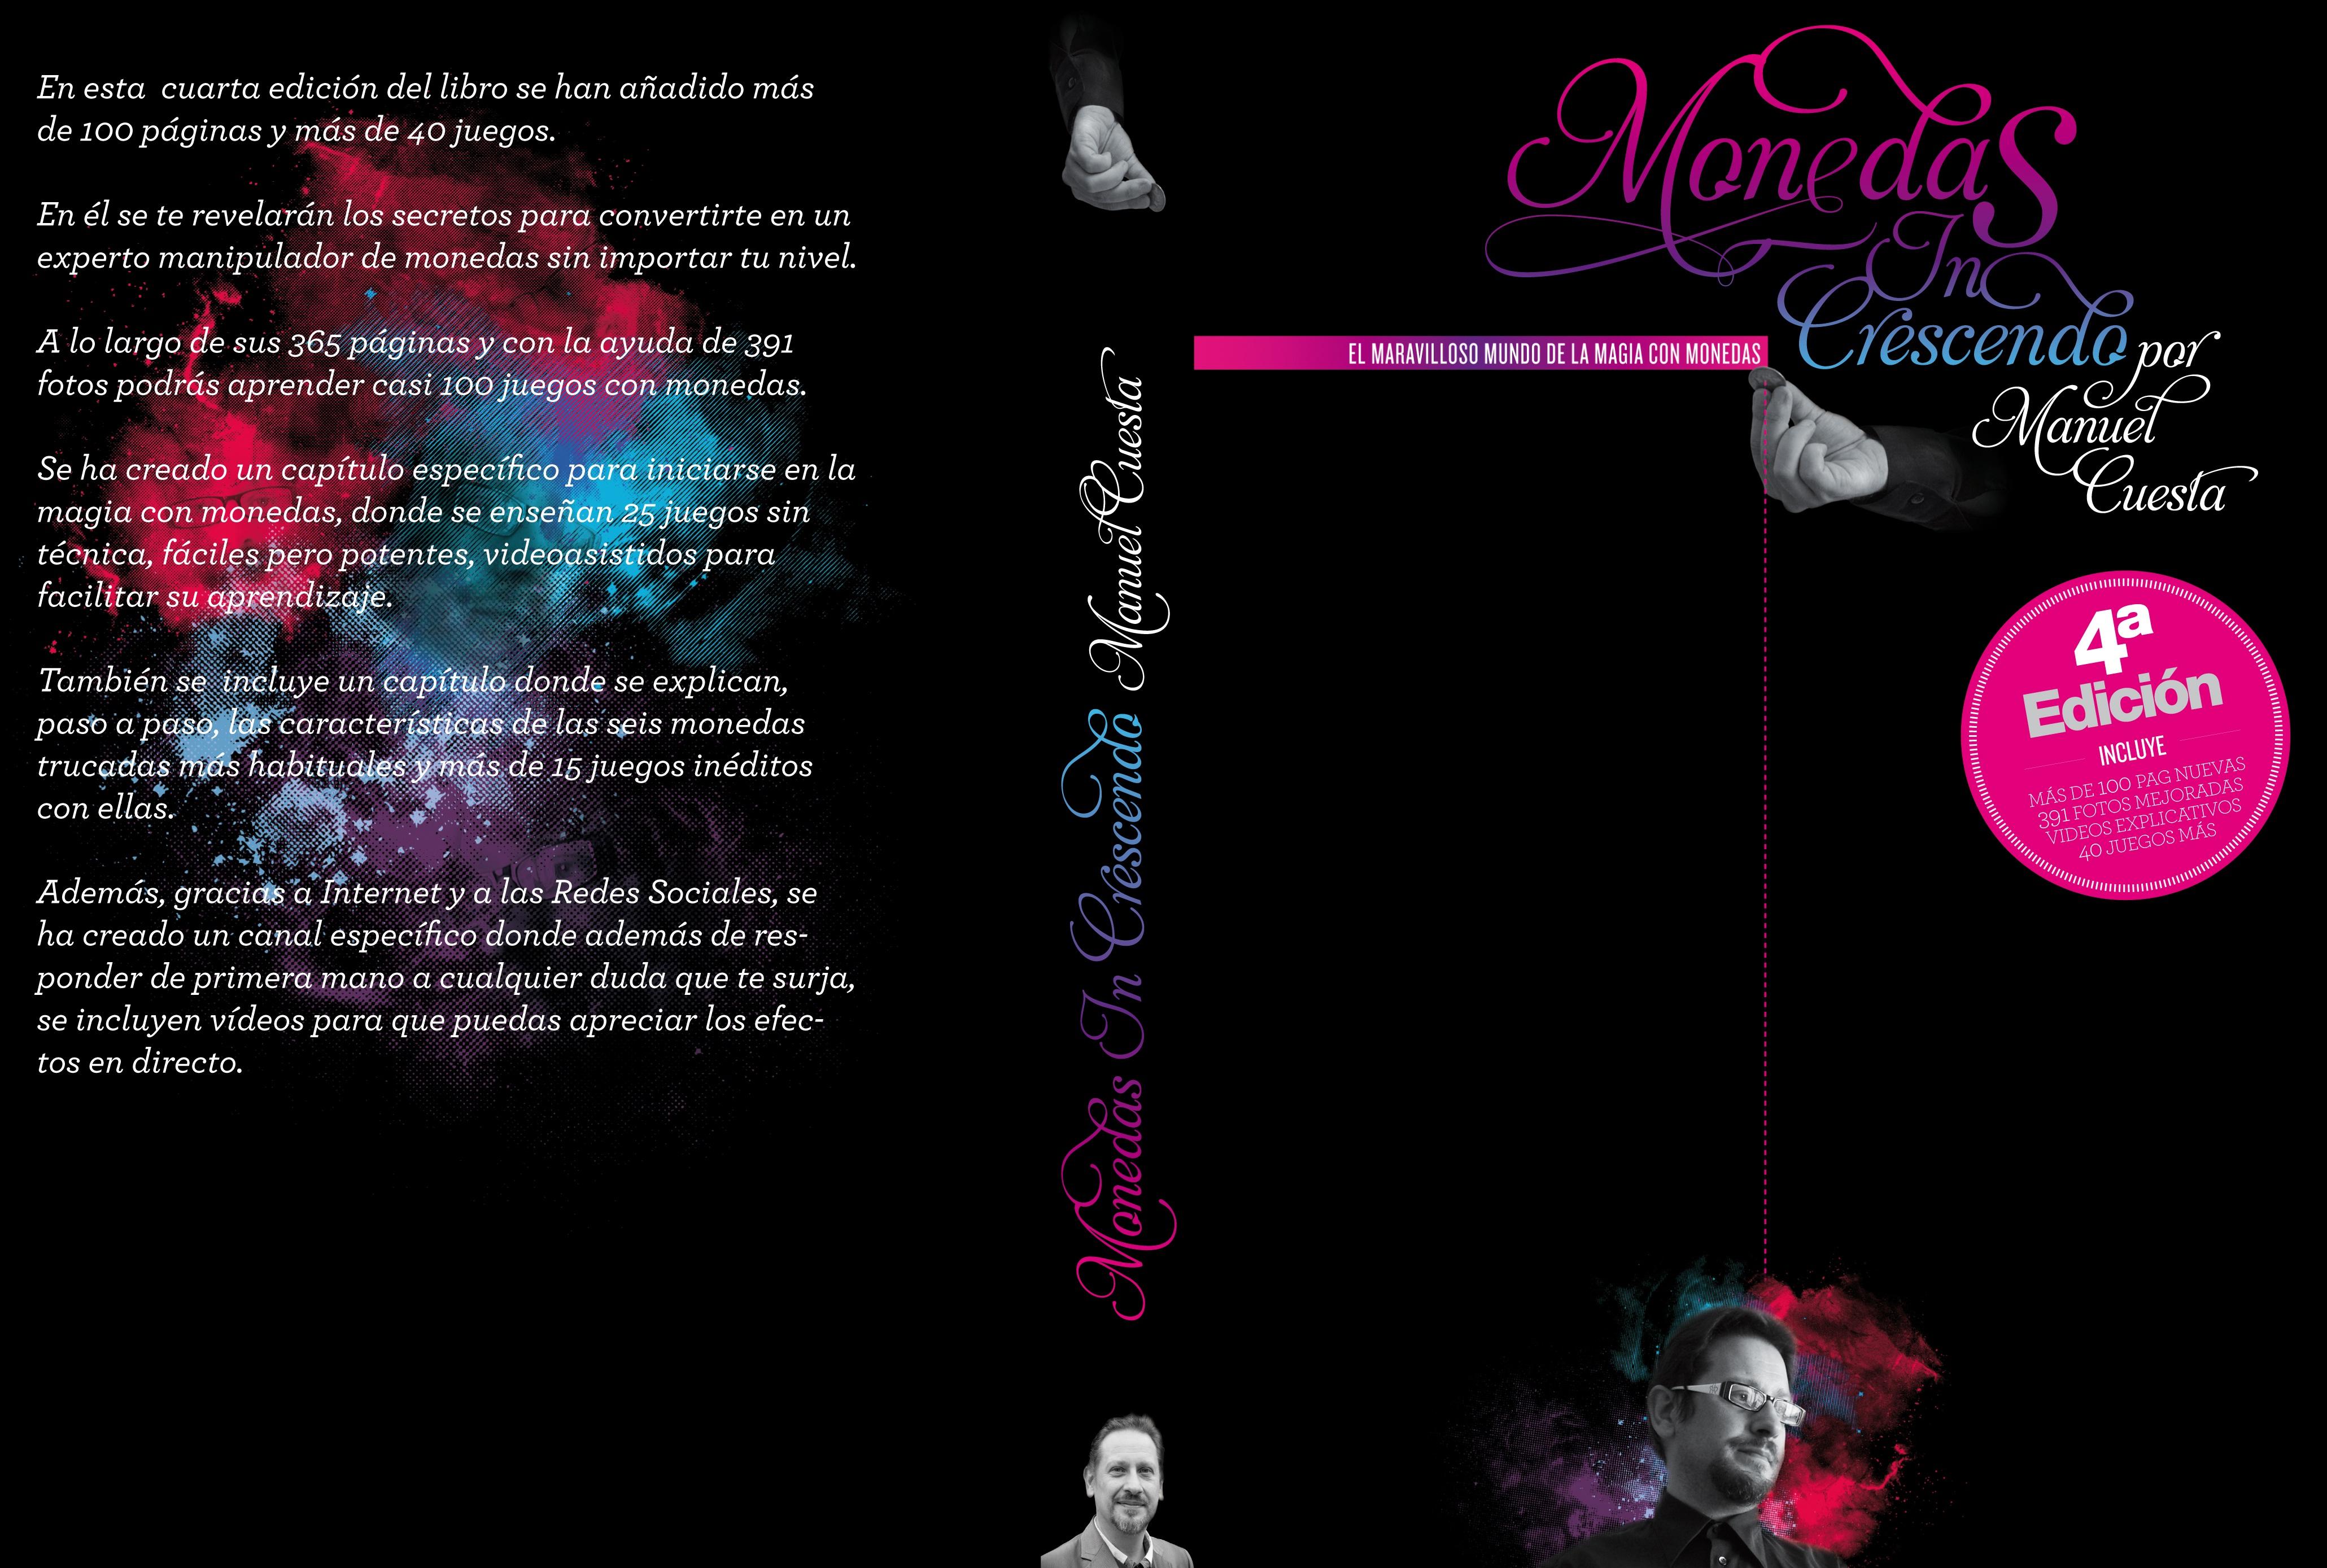 libro-manuel-cuesta-monedas-in-crescendo